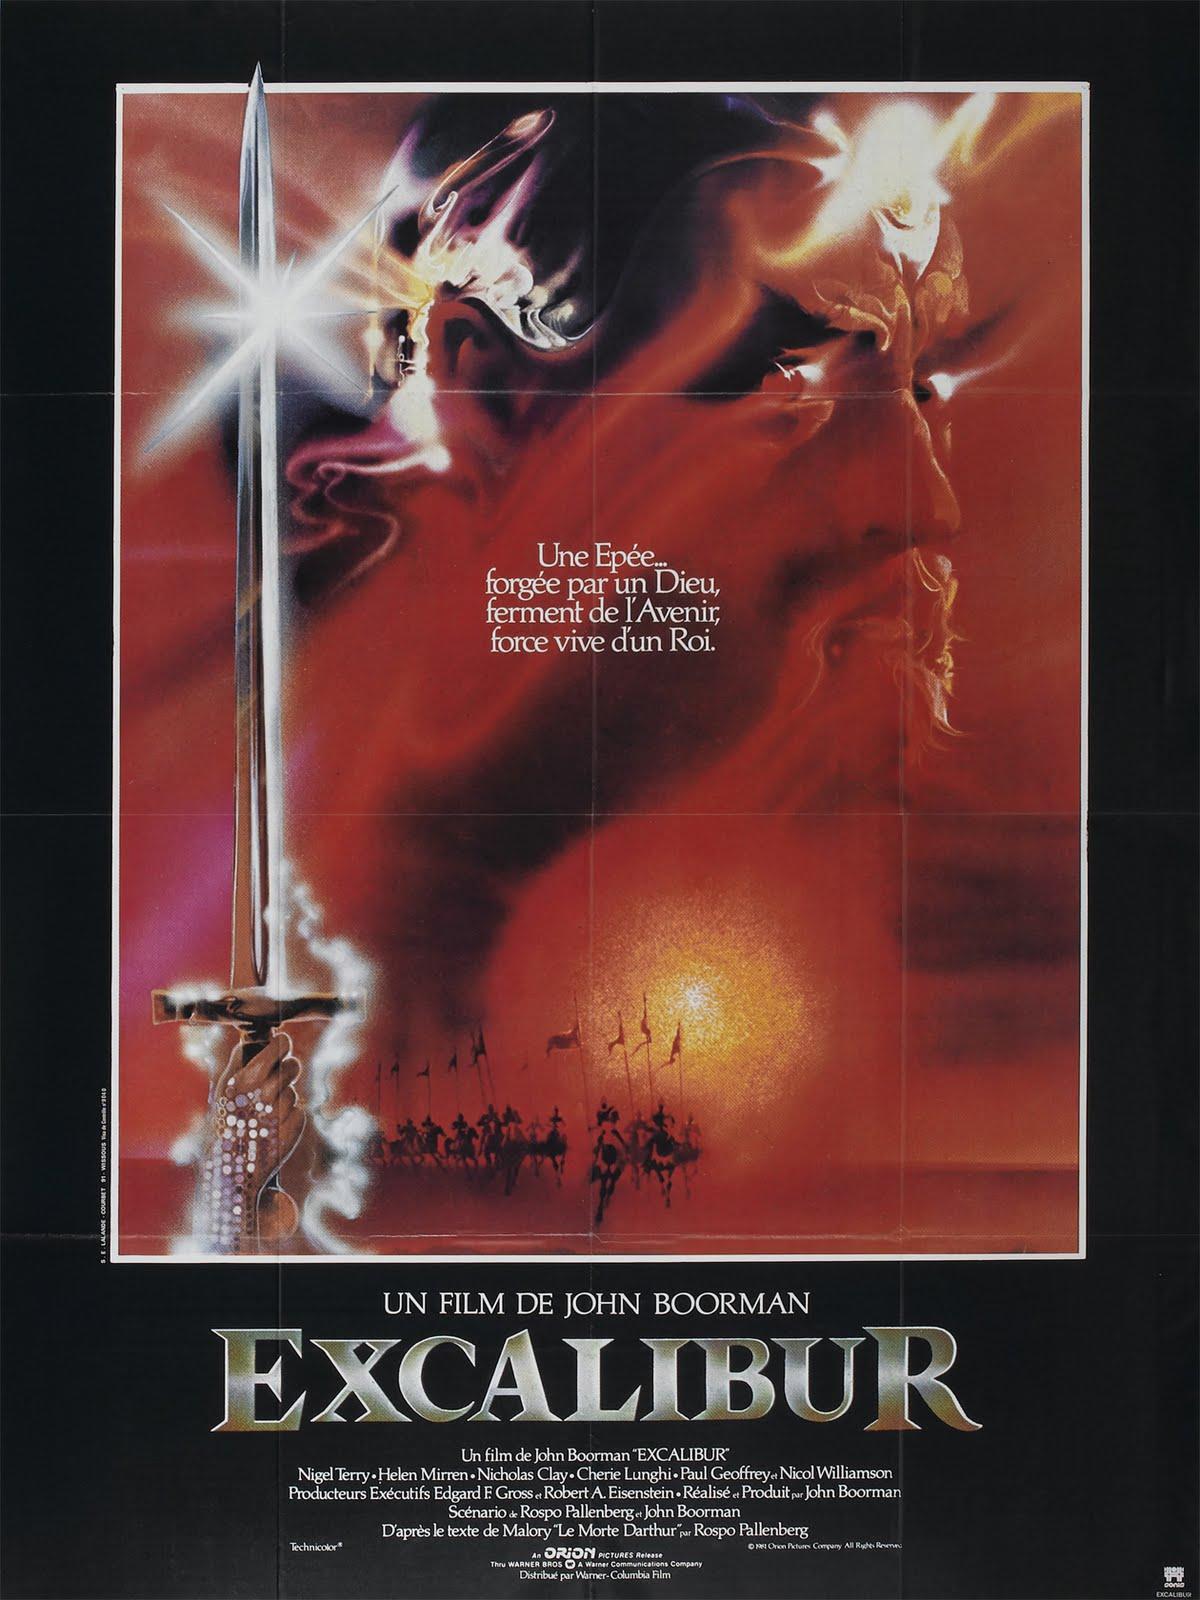 movie memorabilia emporium excalibur french grande